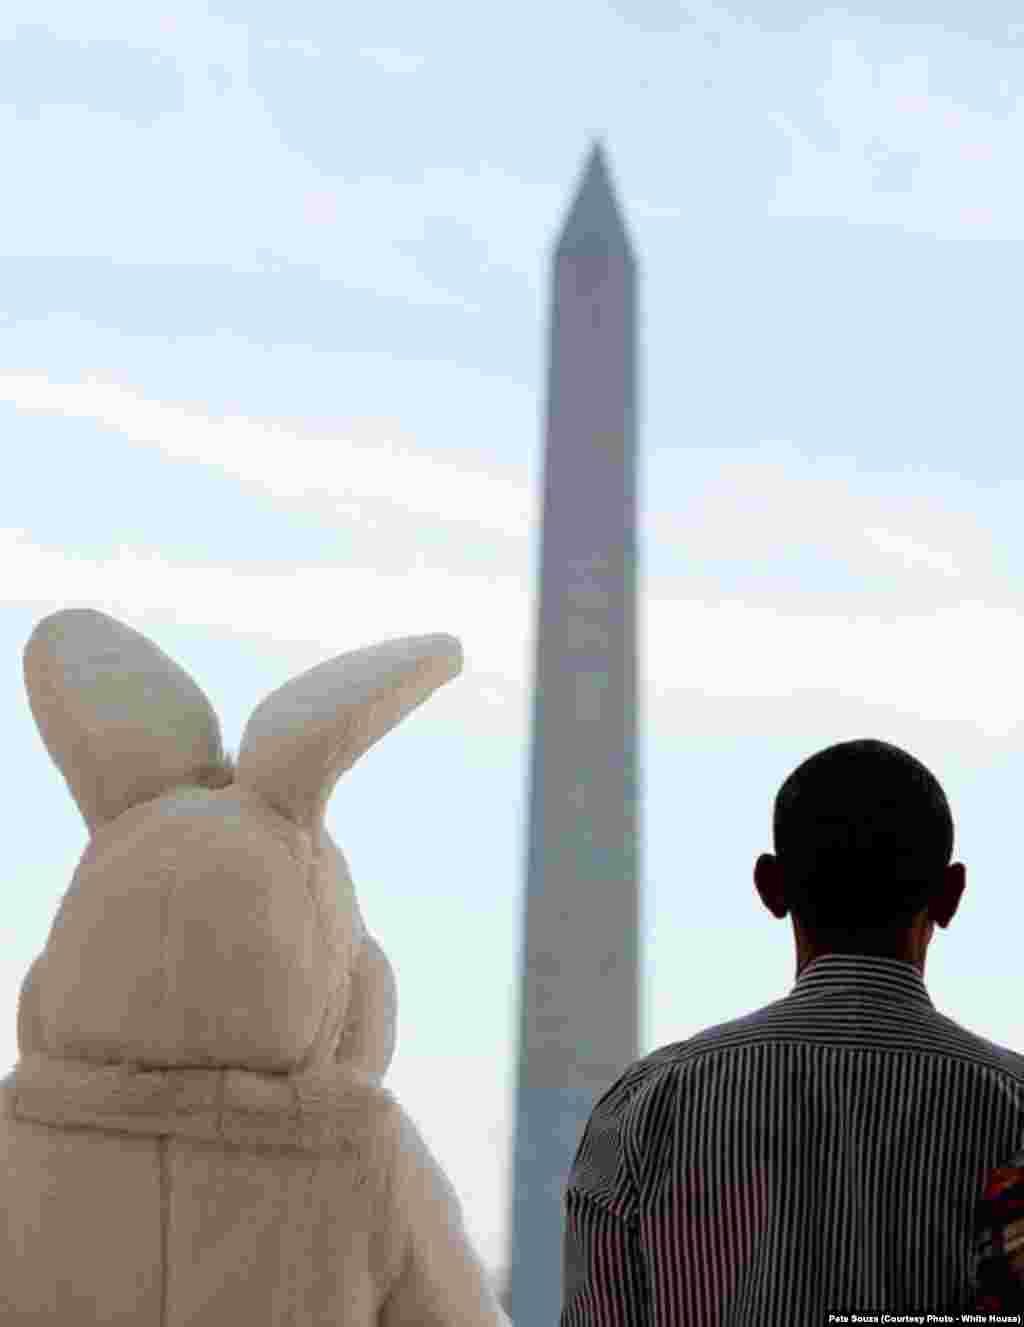 Le président américain et le lapin, symbole de la fête de Pâques, à Washington DC, le 21 avril 2014.